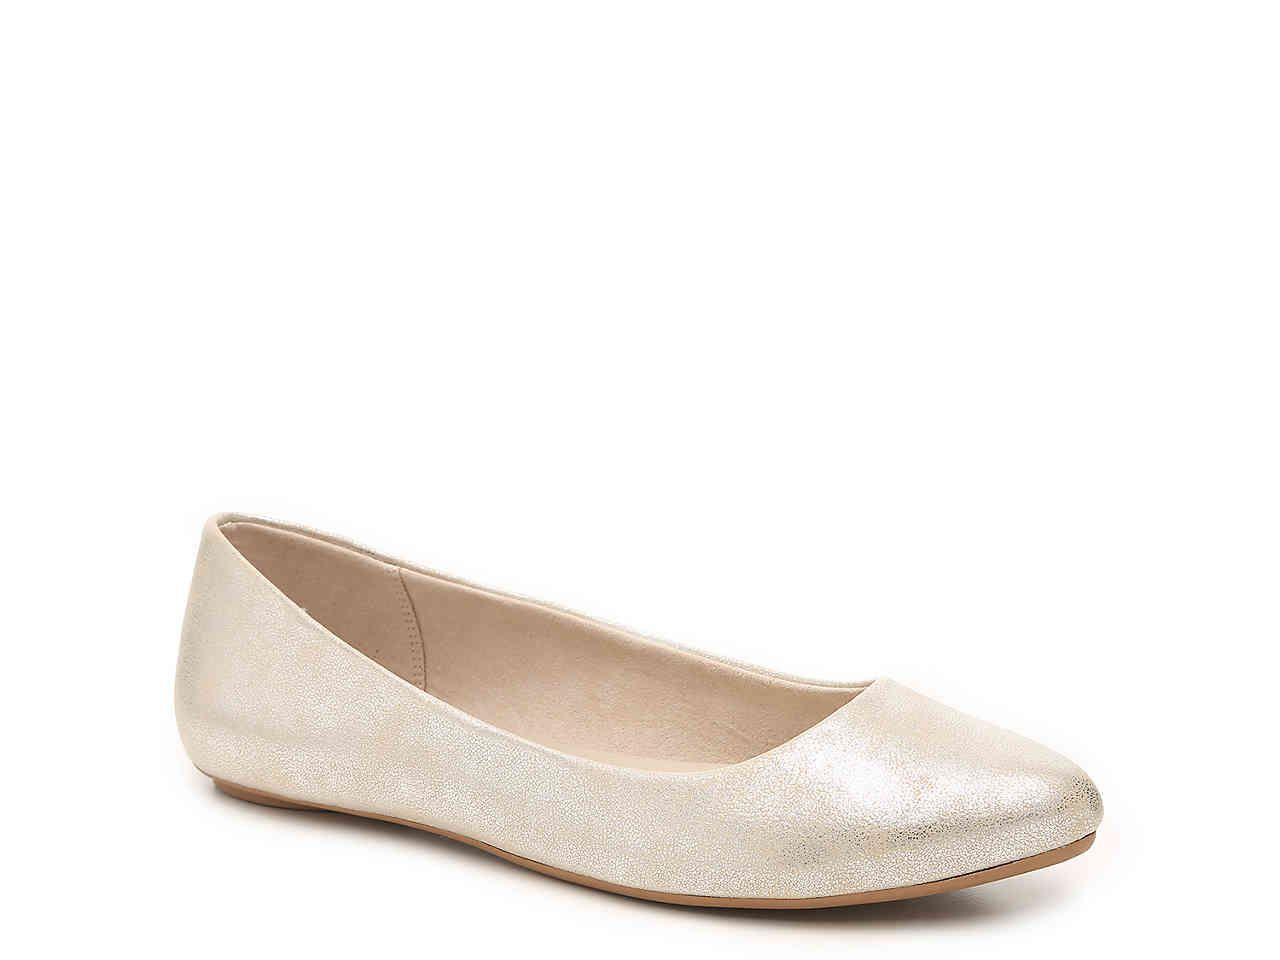 26eafc9a7e Pirassa Ballet Flat Ballet Flats, Fashion Beauty, Ballet Shoes, Bow Flats,  Ballerina